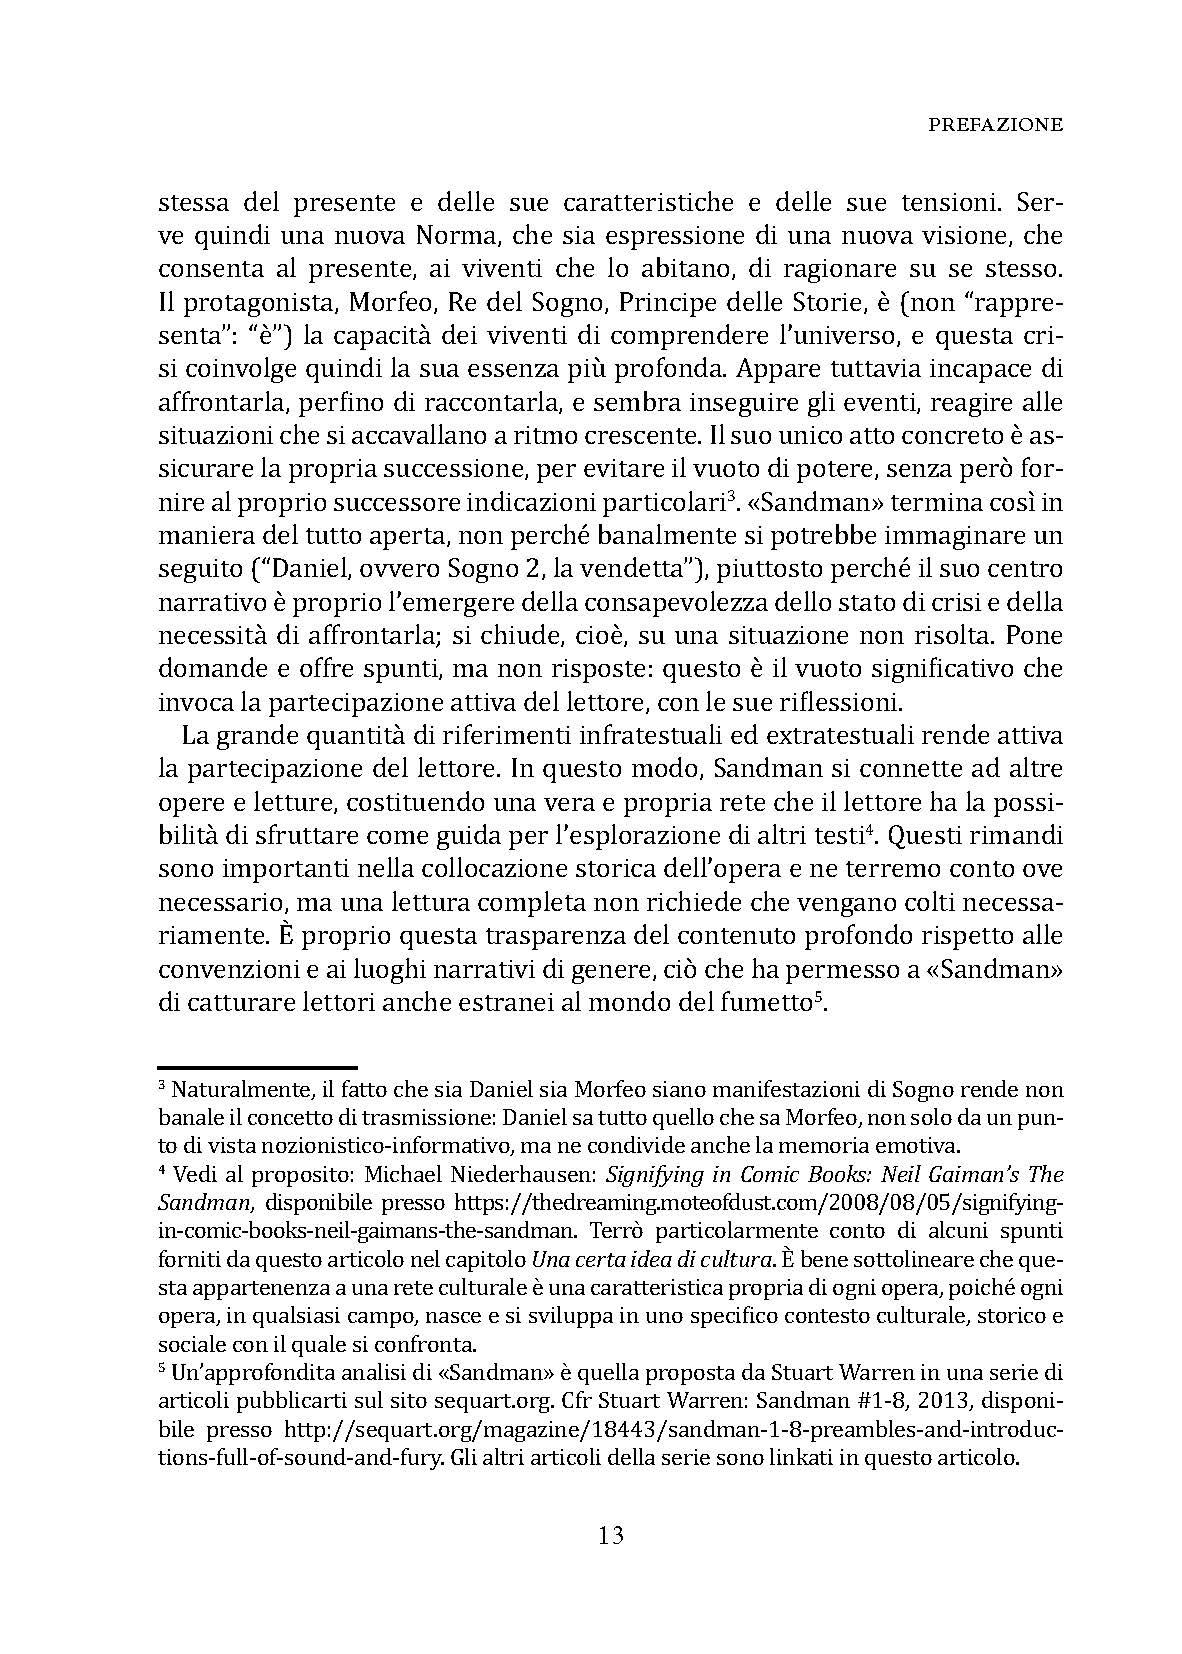 Pagine da PDF Guida non ufficiale a Sandman filigranato_Pagina_09